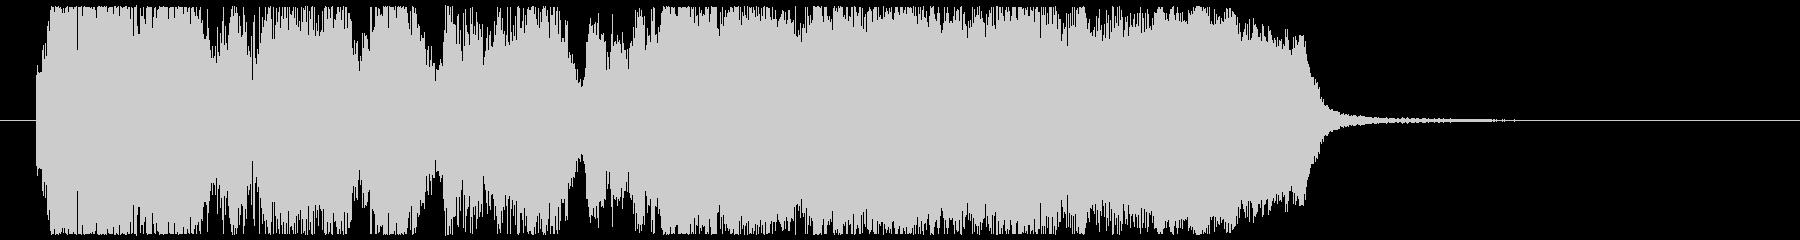 金管5重奏と打楽器のファンファーレの未再生の波形